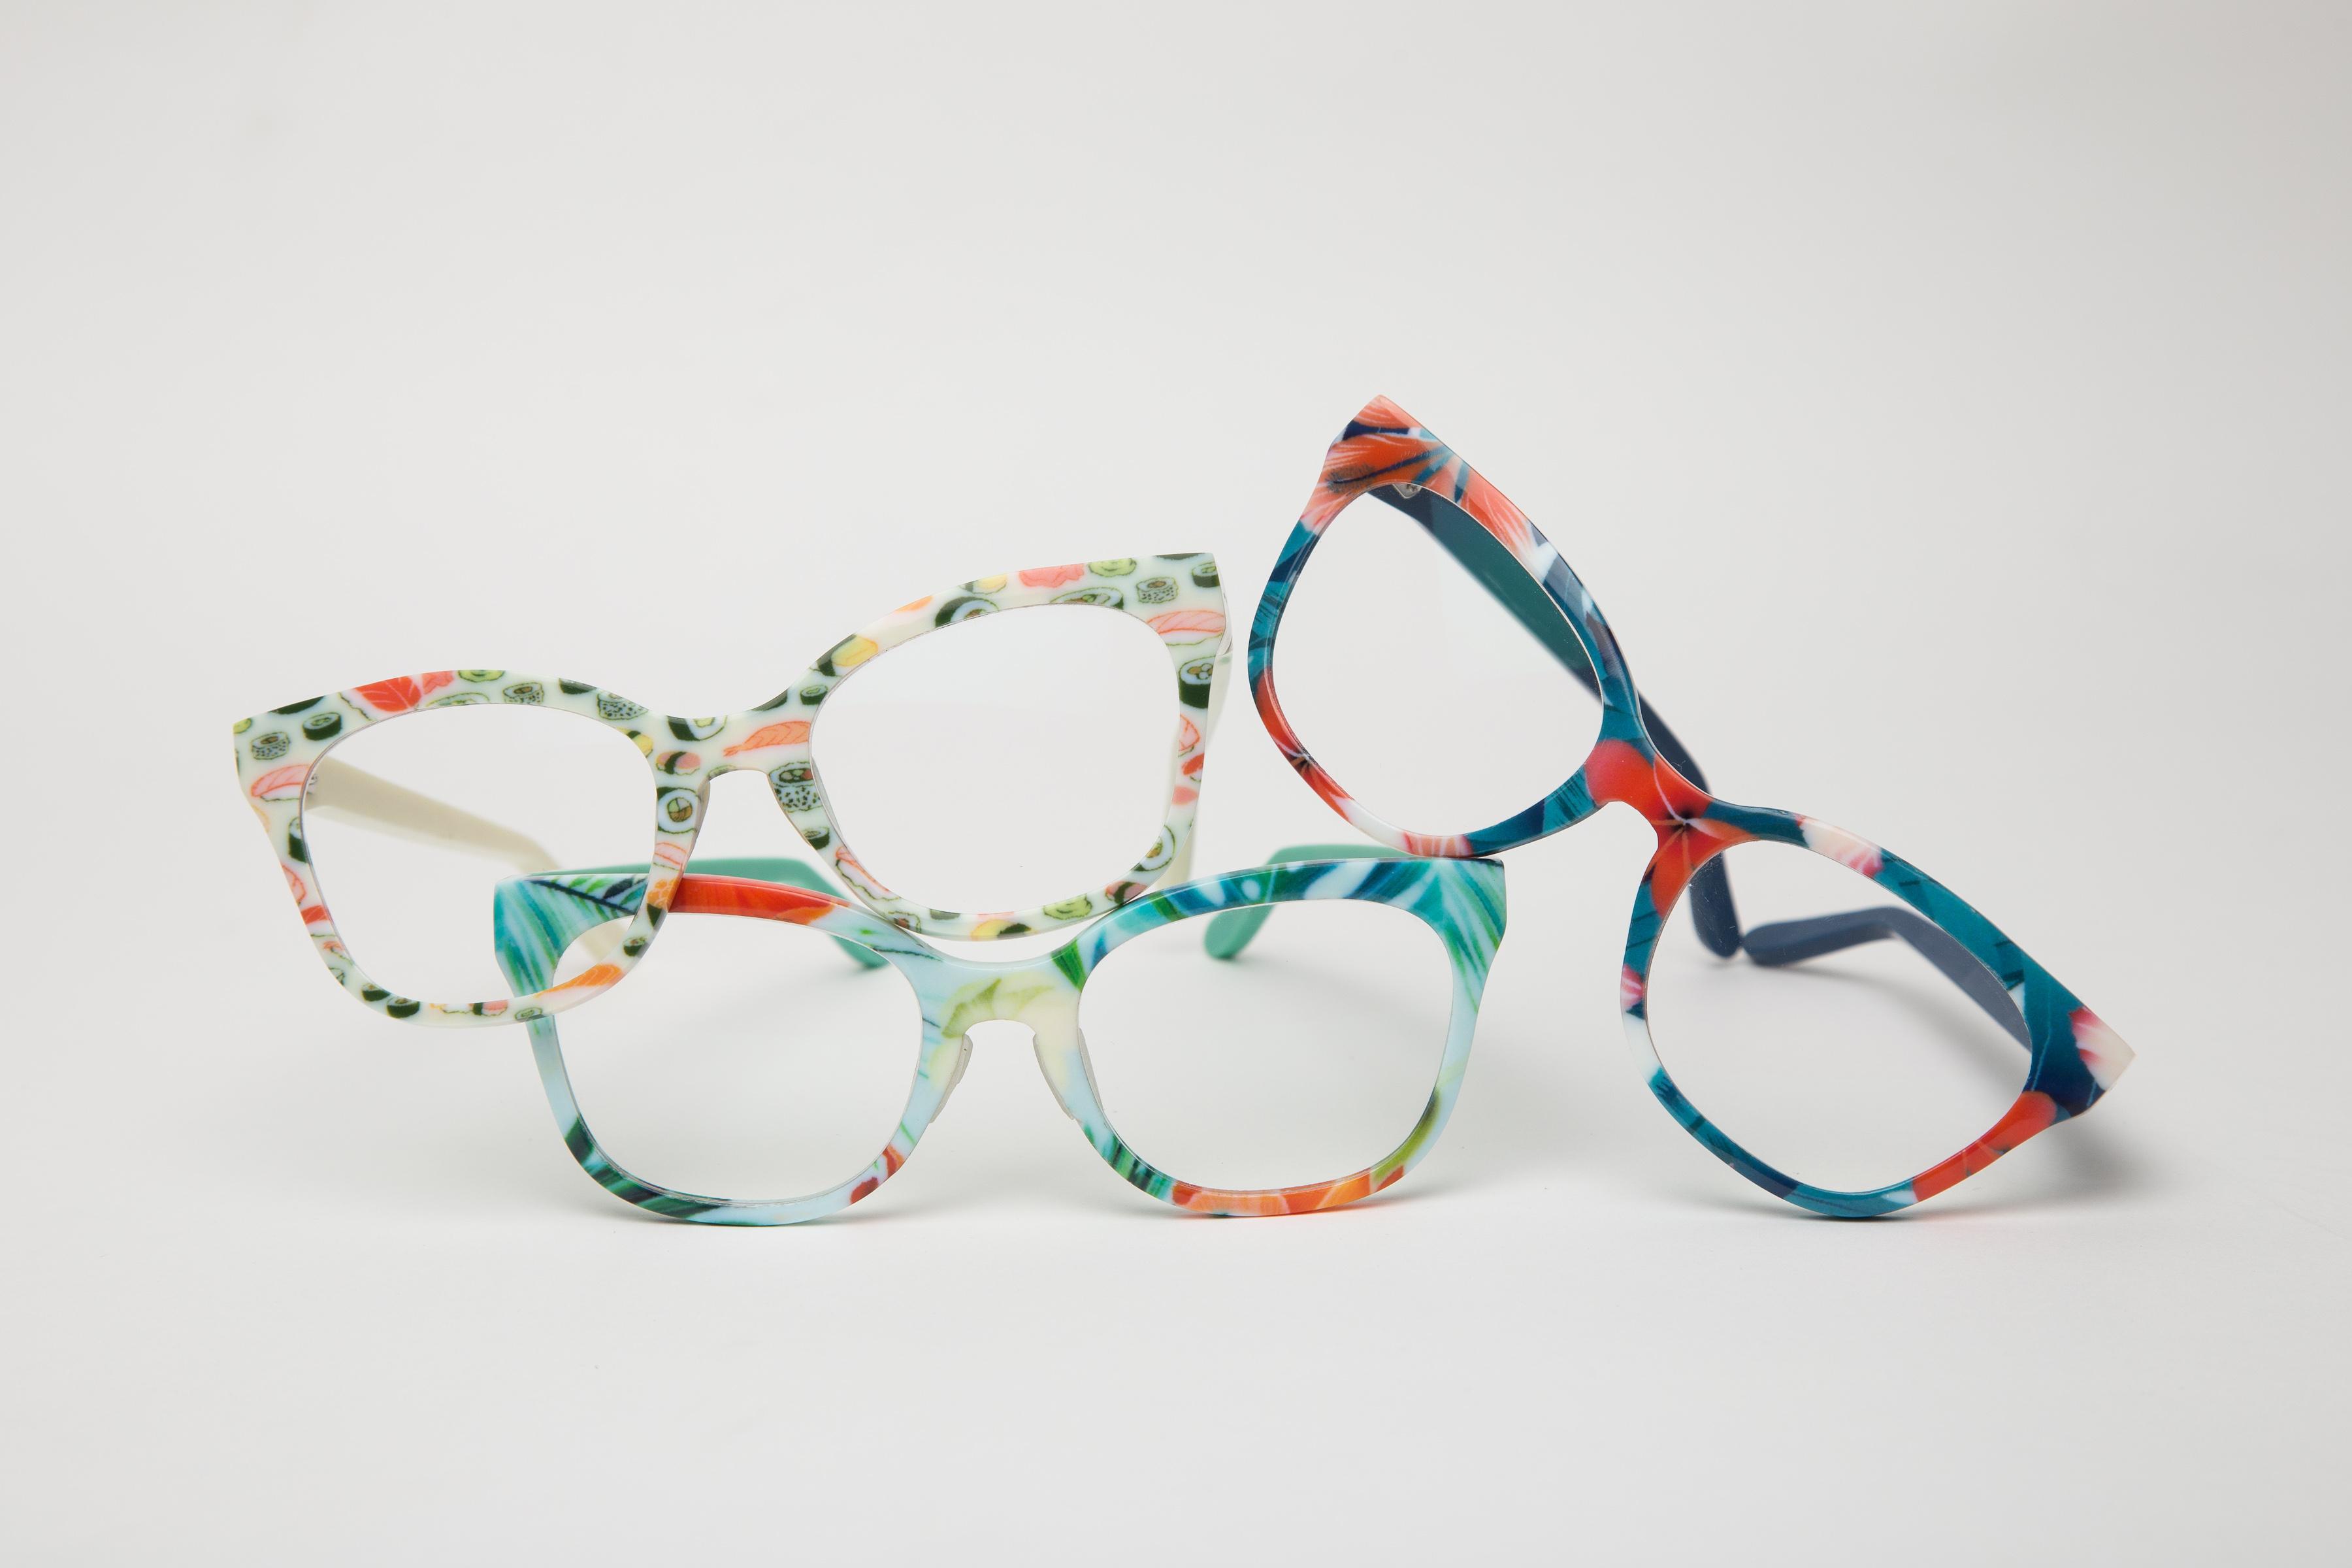 نمونه سلیقههای متفاوتی از پرینت سهبعدی عینک